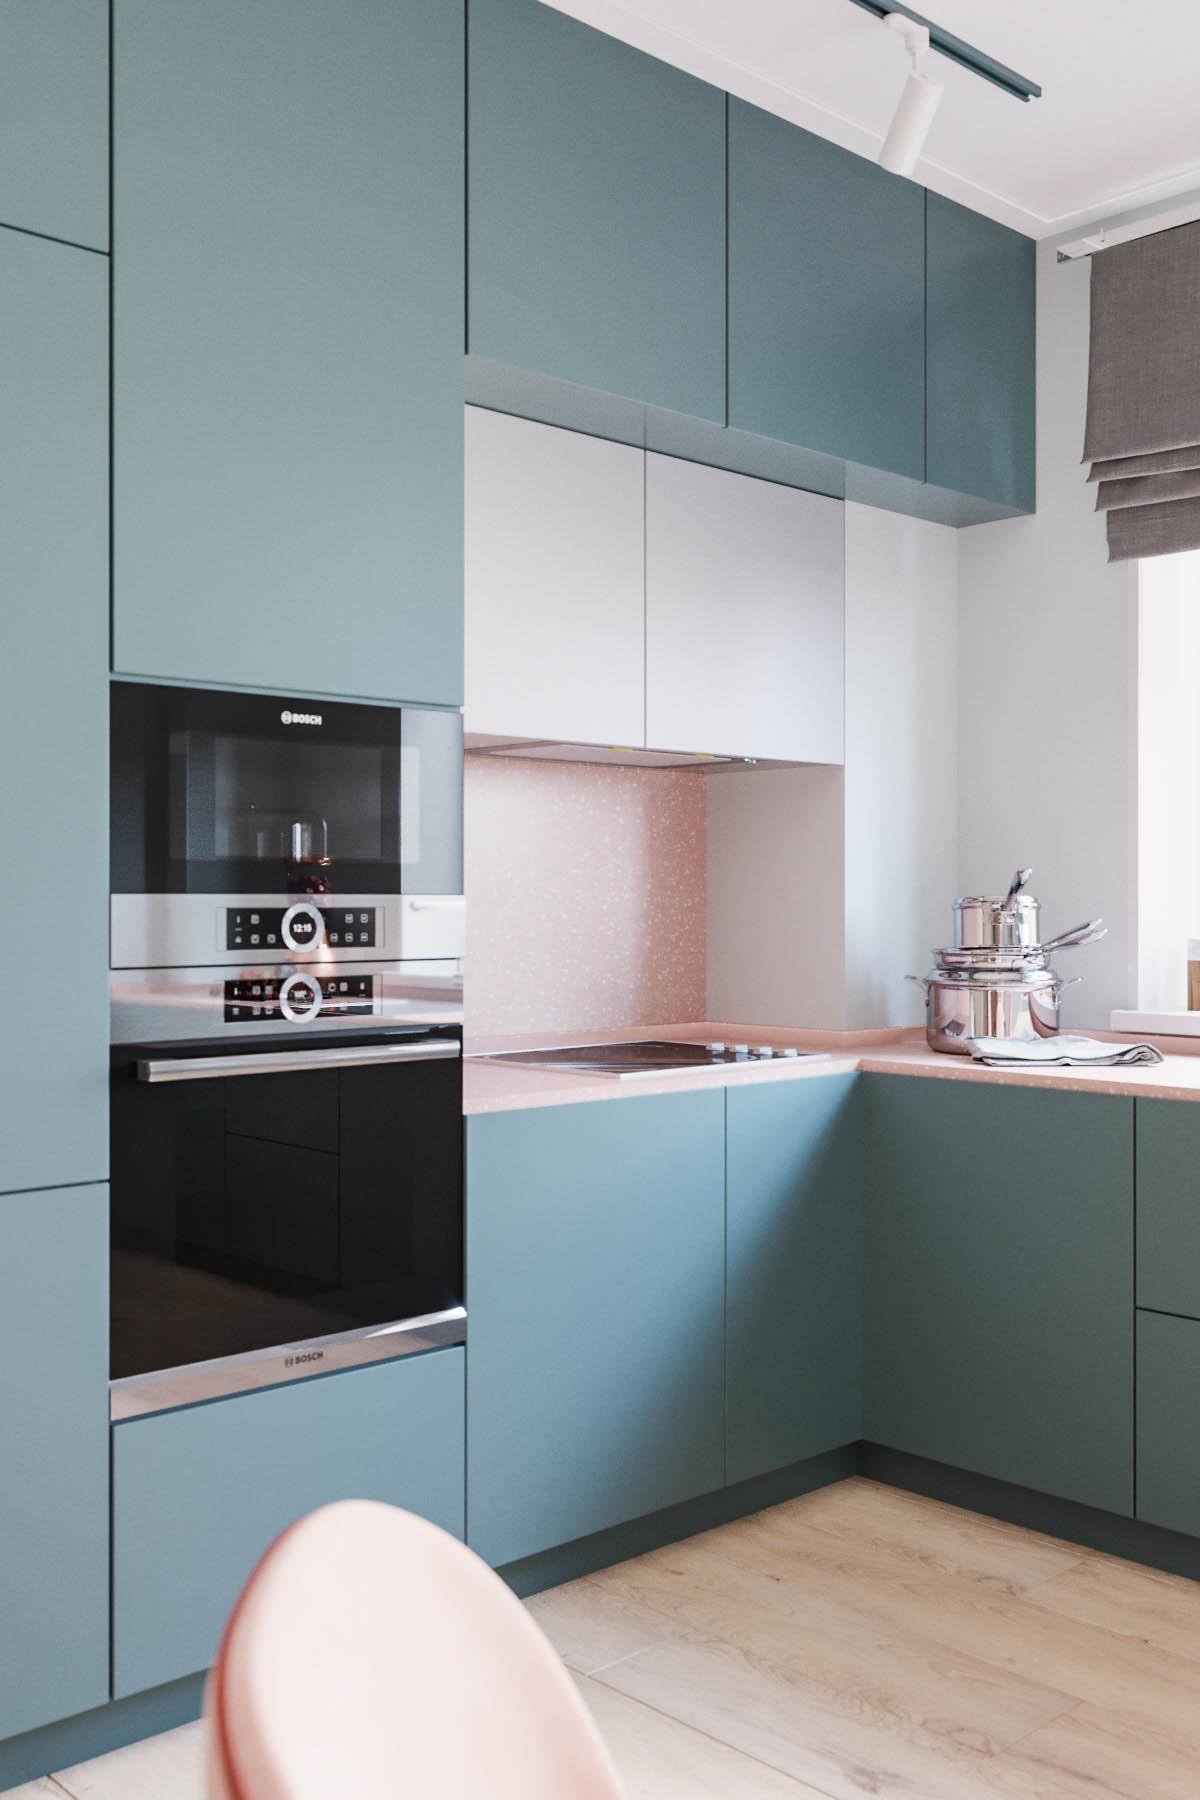 бытовая техника в кухне, дизайн